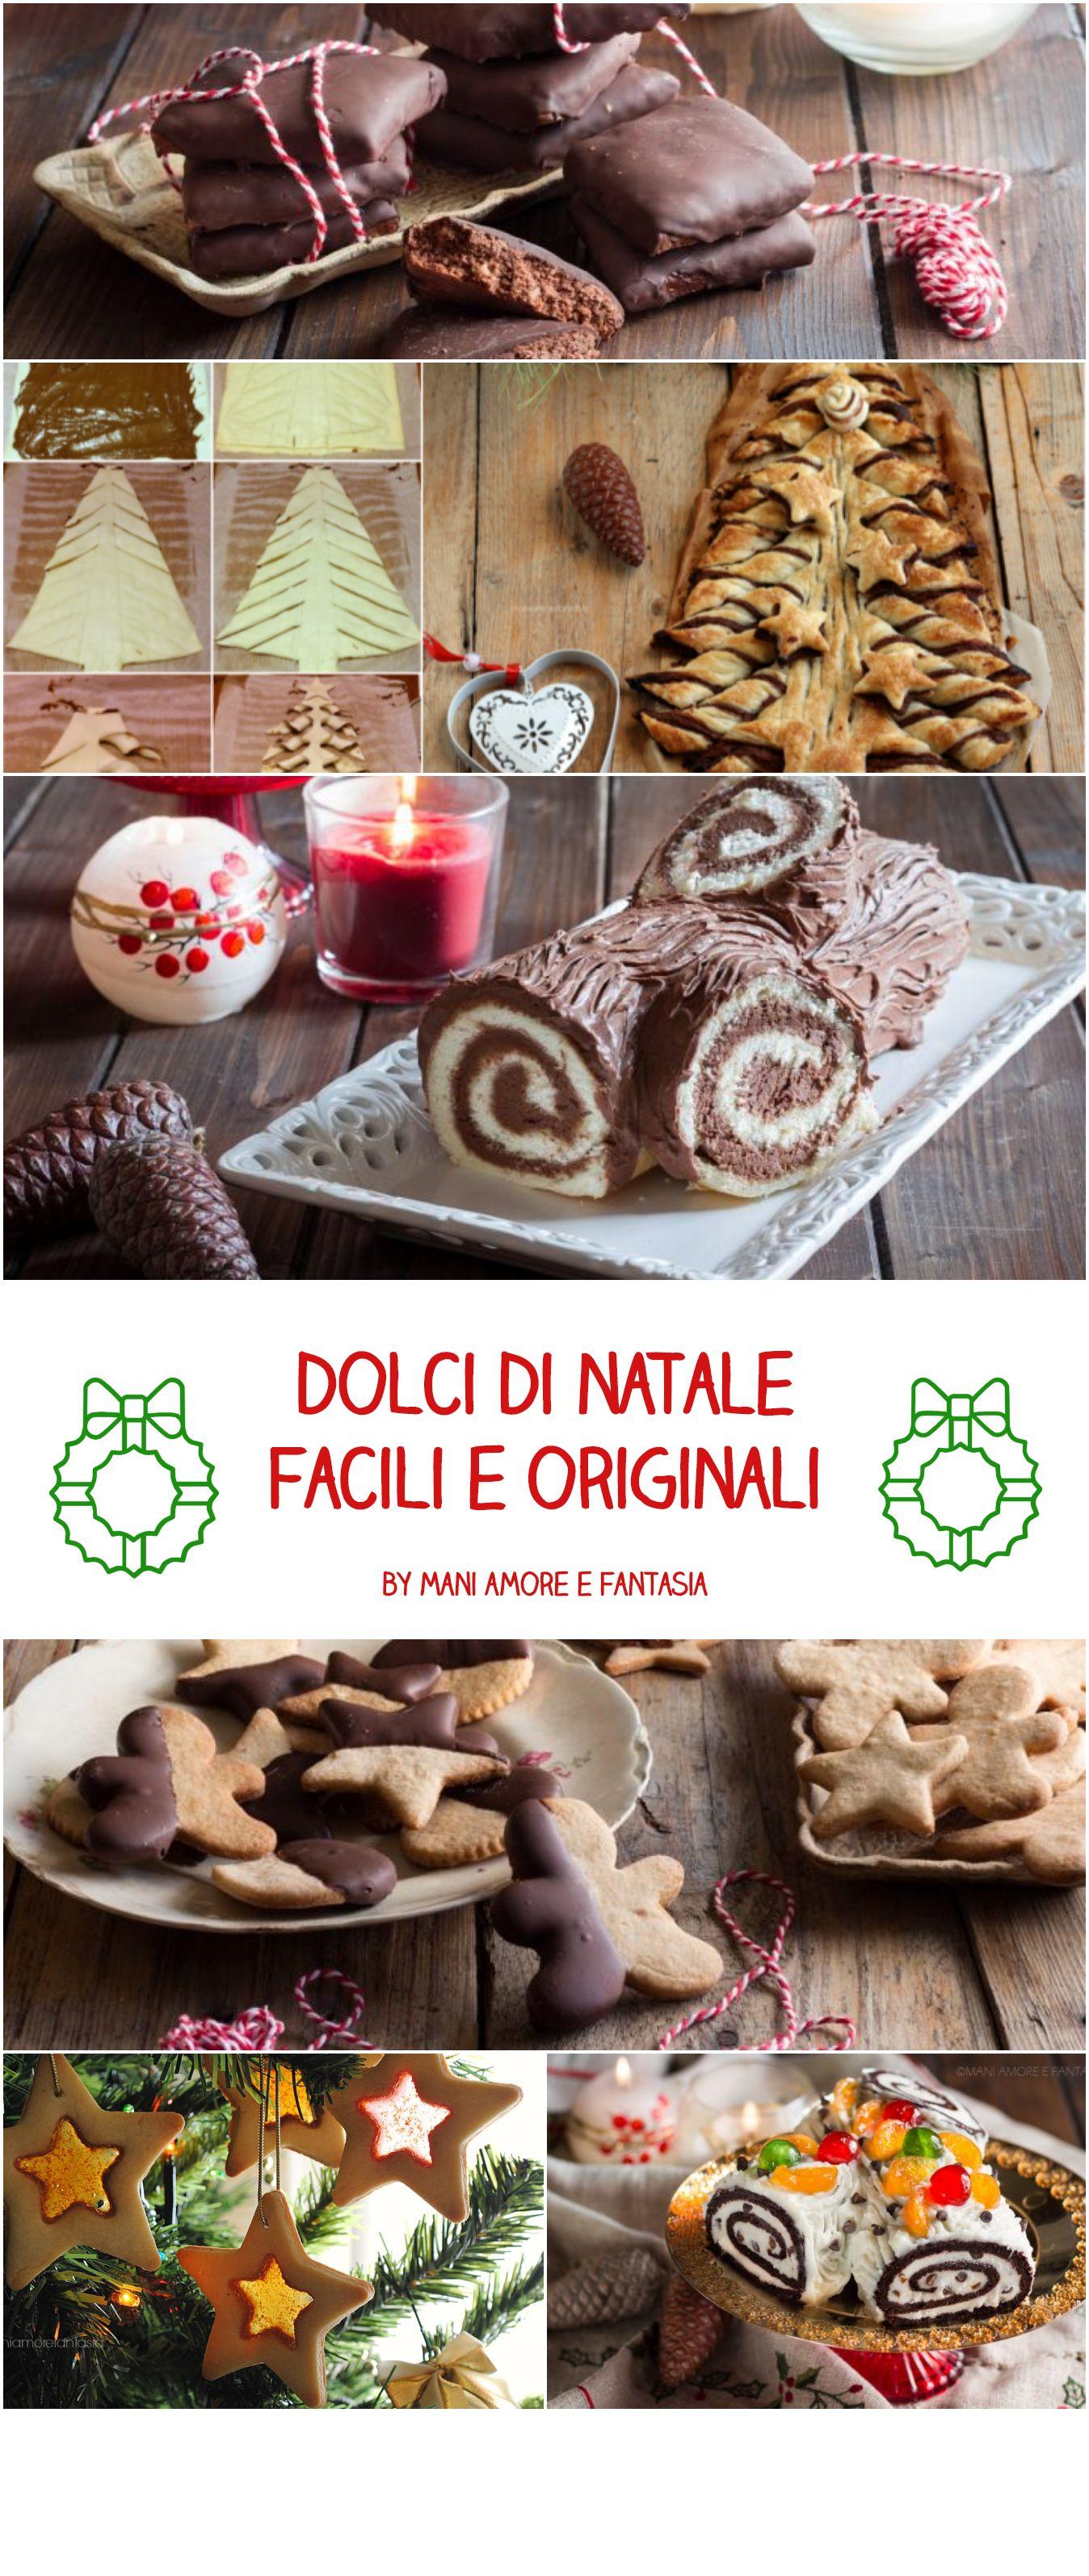 DOLCI DI NATALE, RICETTE FACILI E ORIGINALI! | NATALE | Pinterest ...